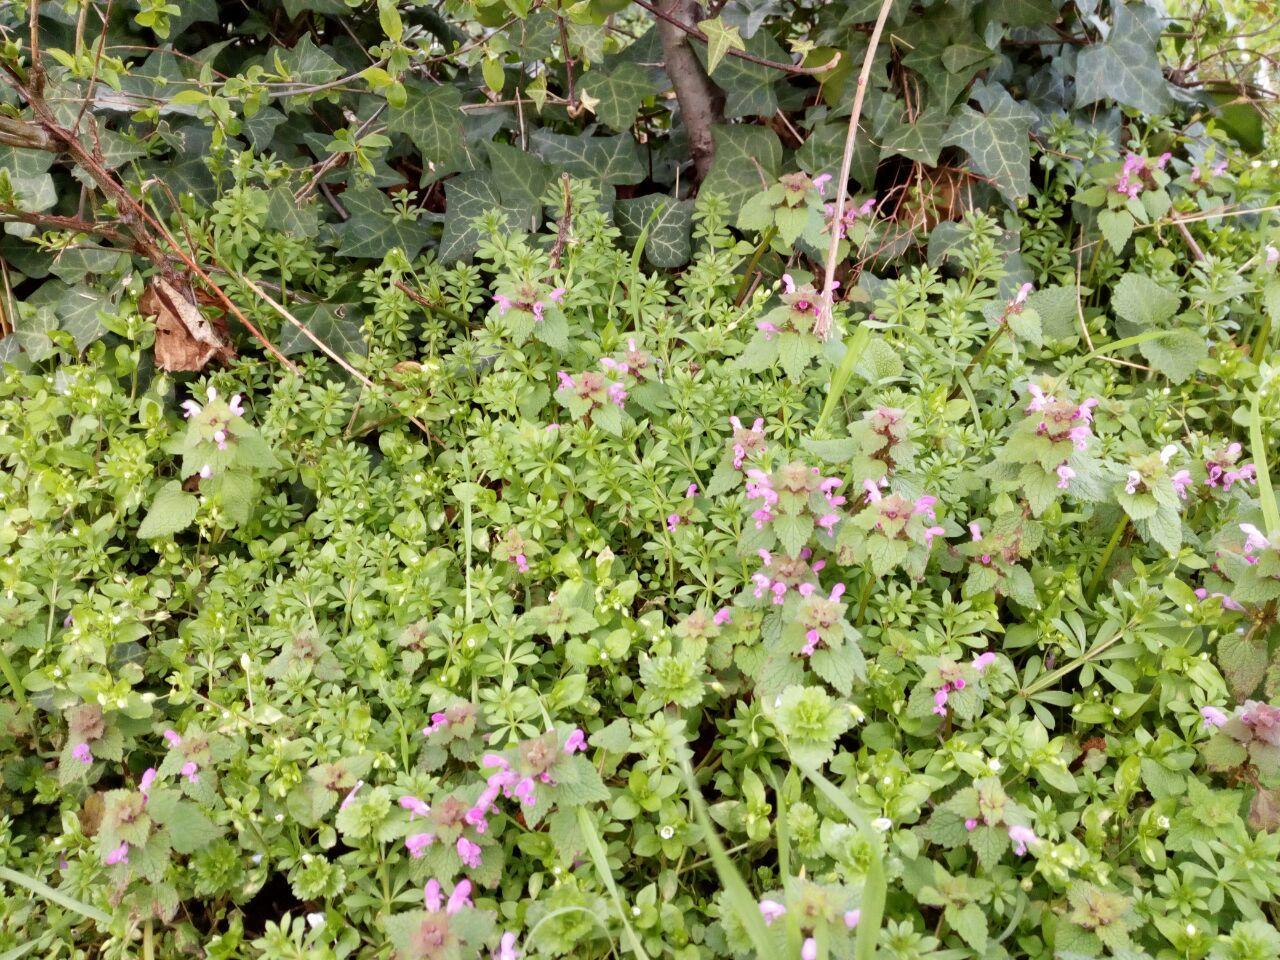 Leckere Taubnesselblüten und Labkraut im Schulgarten. Efeu für die Seife.